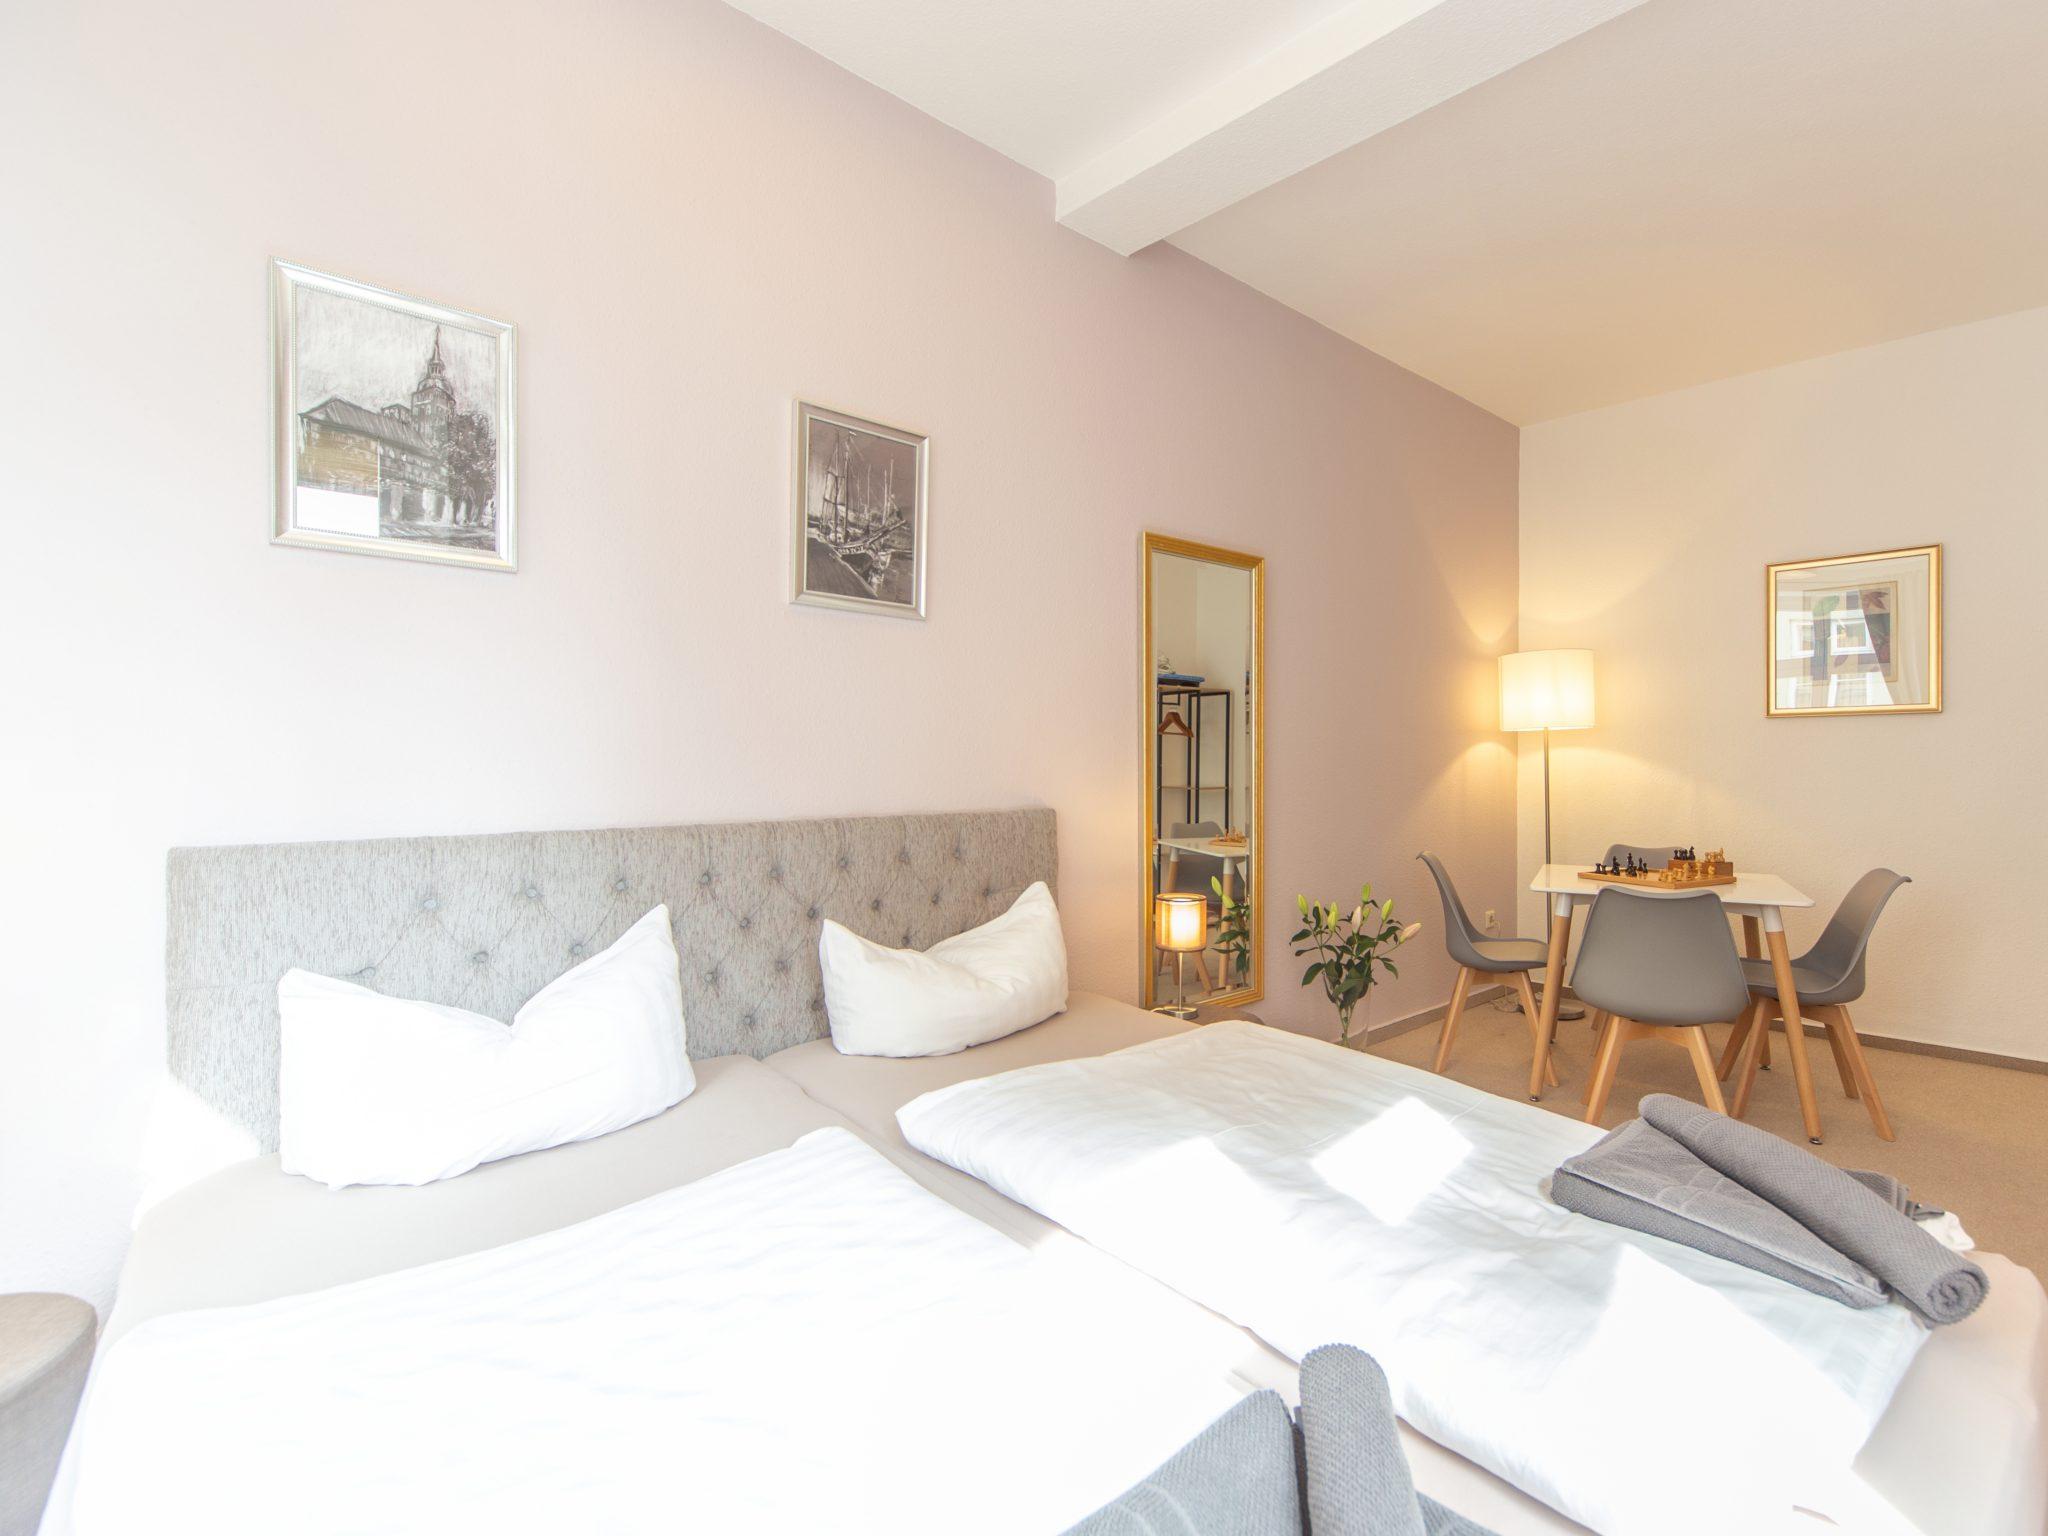 Ferienwohnung 1 mit Doppelbett und Sitzbereich